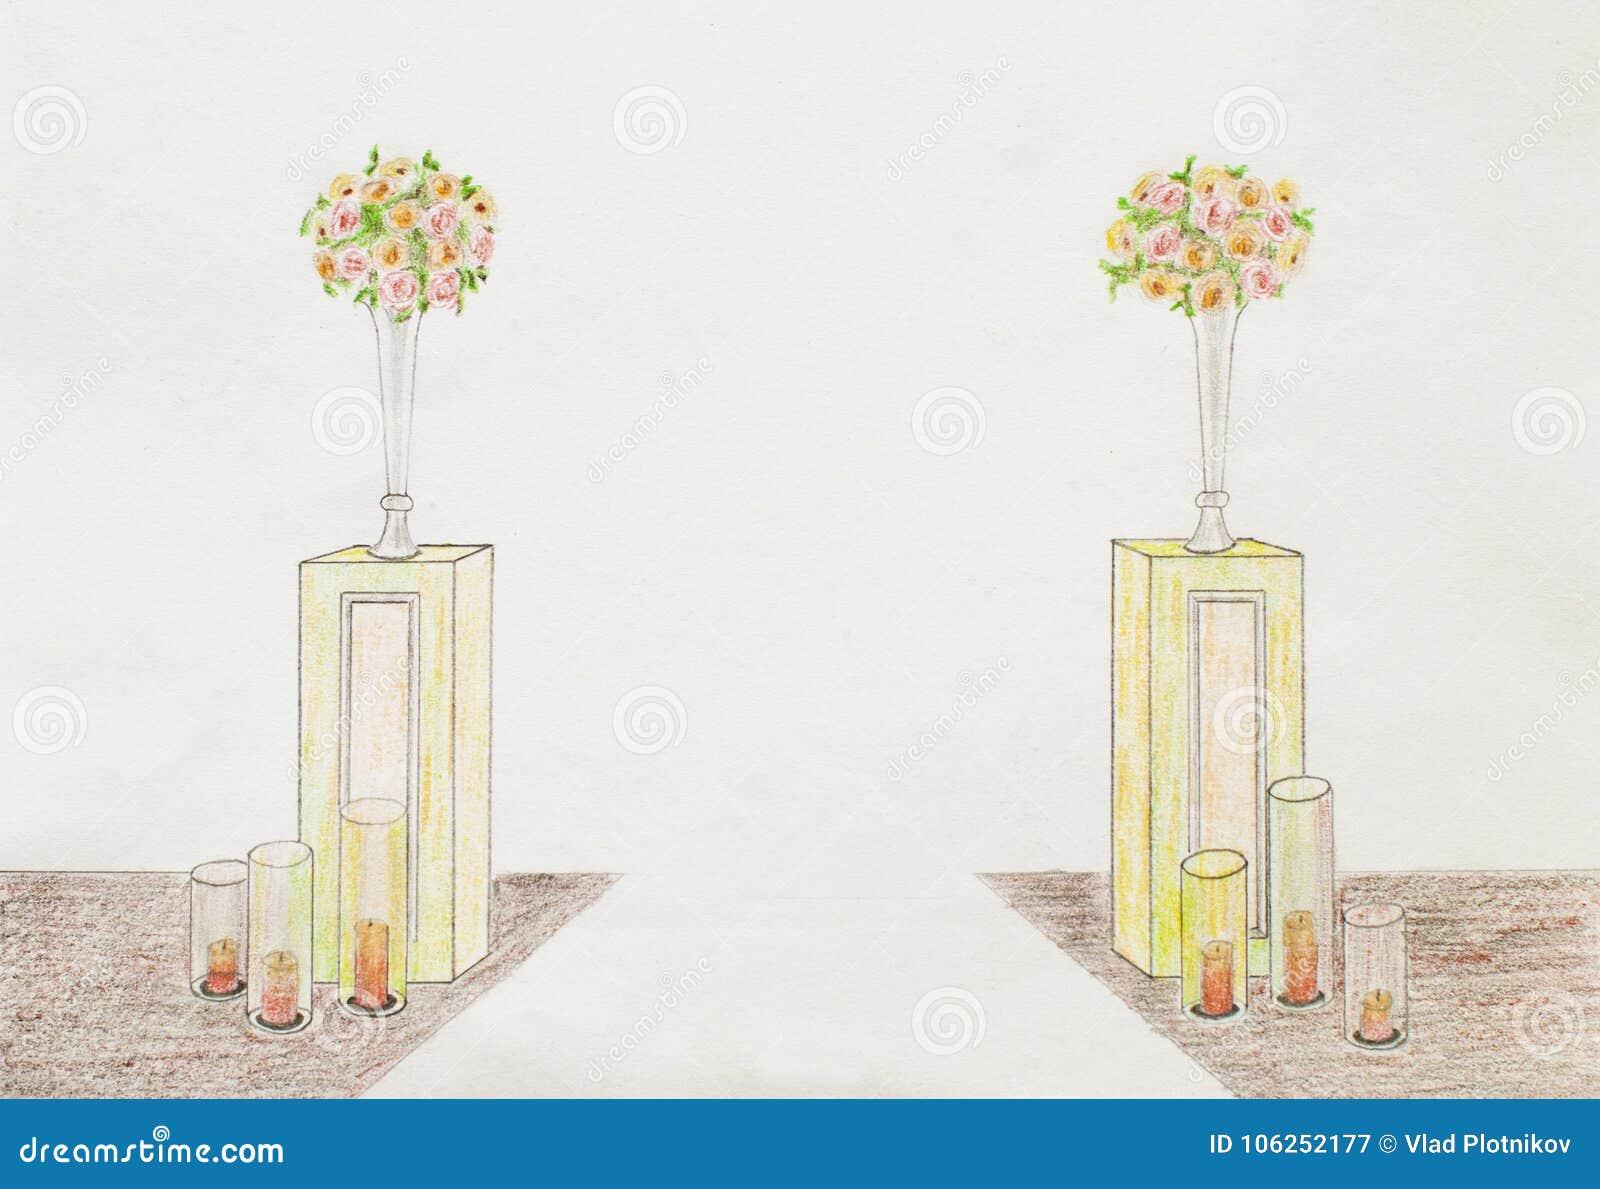 Schöne Hochzeitszeremonie-Designdekorationselemente mit Bogen,